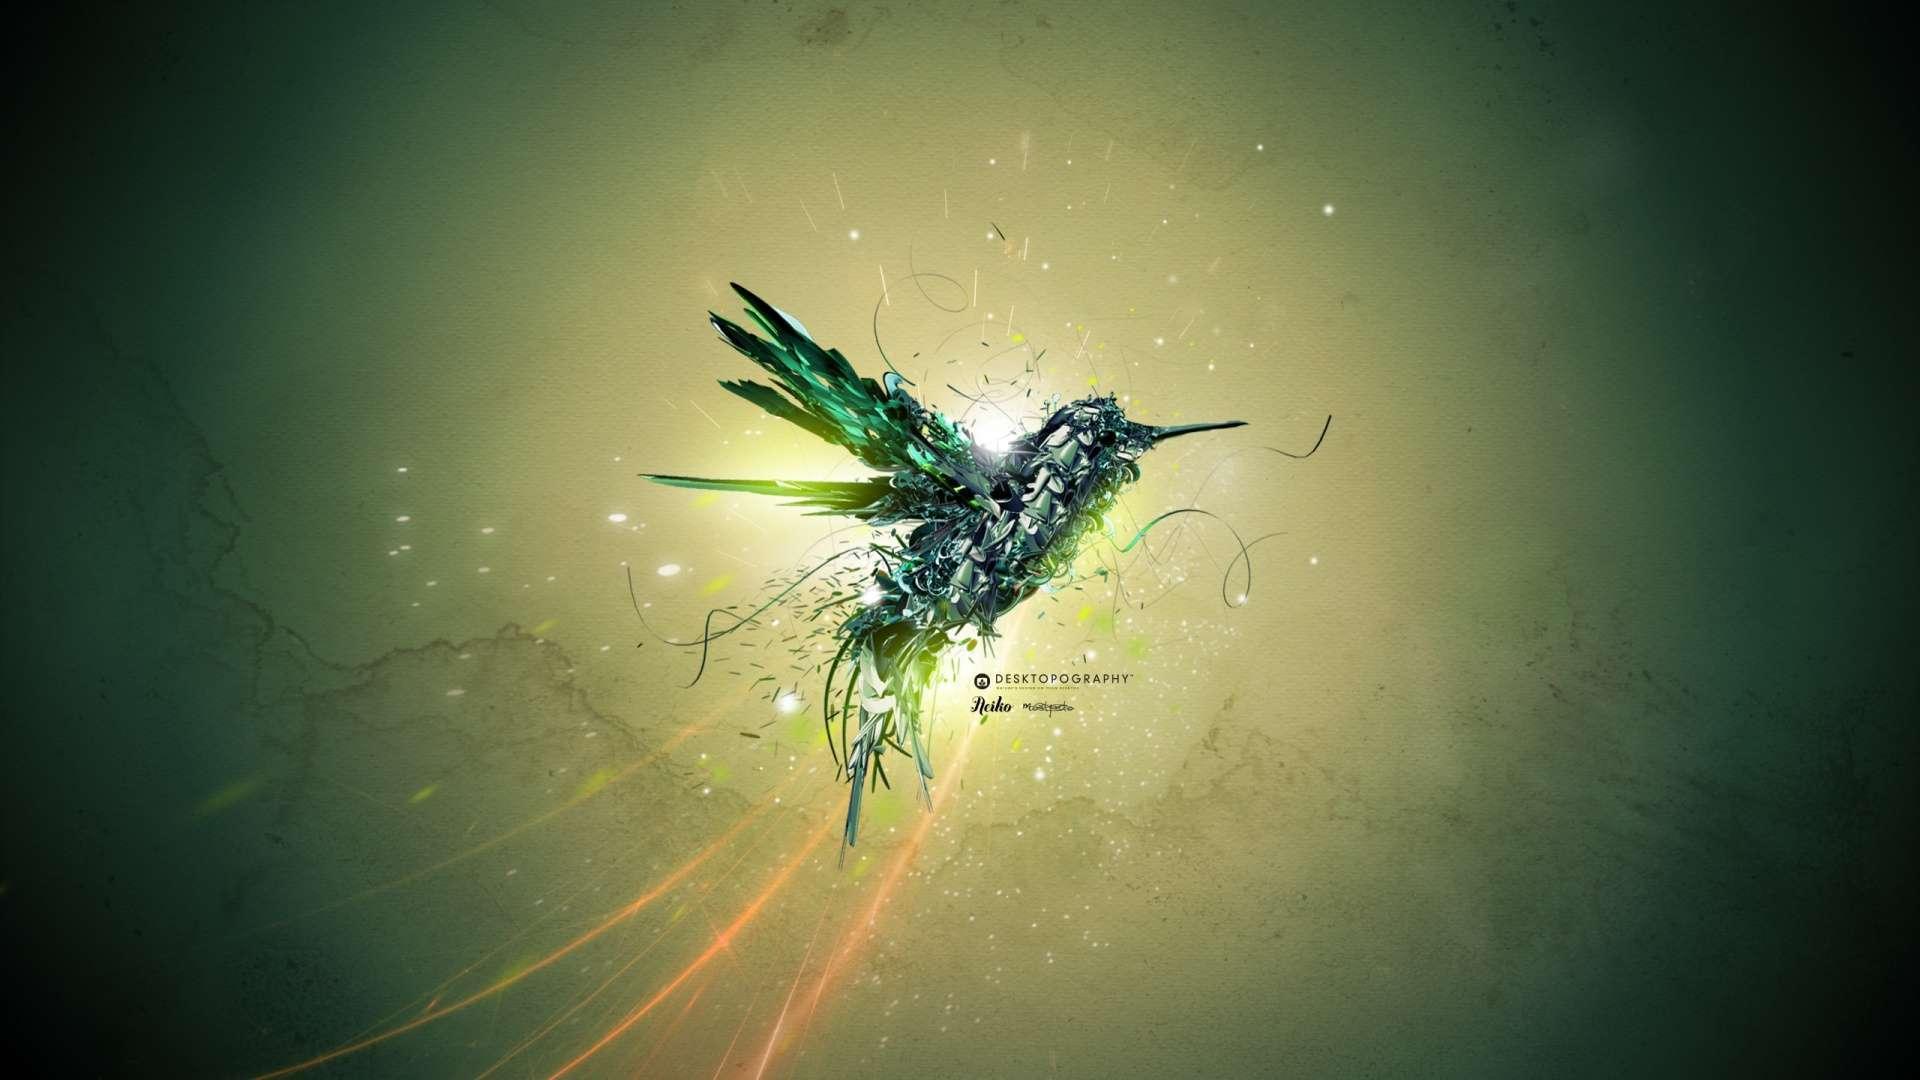 Wallpaper Green Bird Flight Hd Wallpaper 1080p Upload at March 8 1920x1080